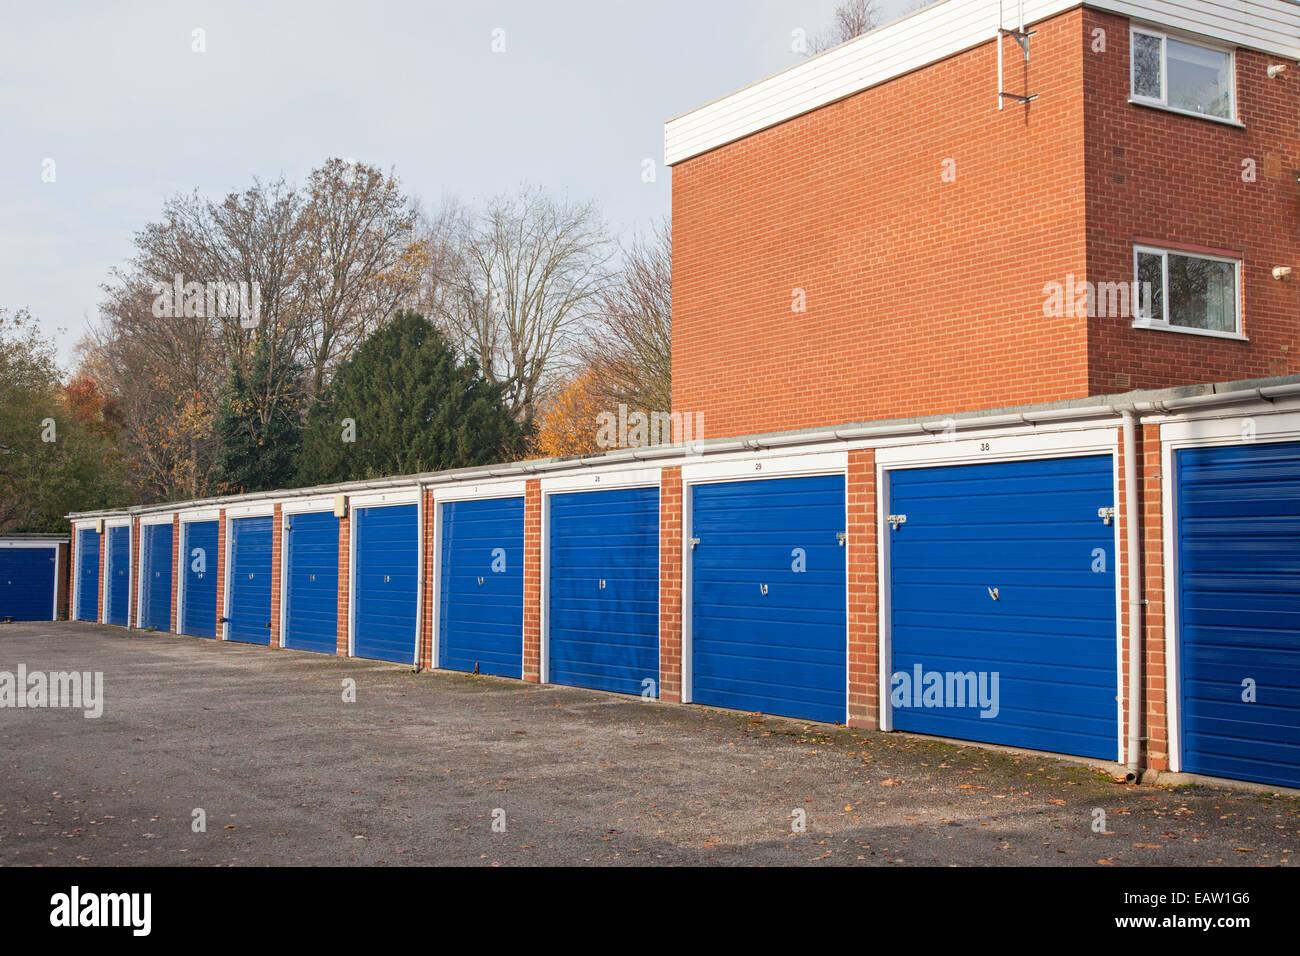 Alquiler de Garajes en una urbanización, Birmingham, Inglaterra, Reino Unido. Foto de stock